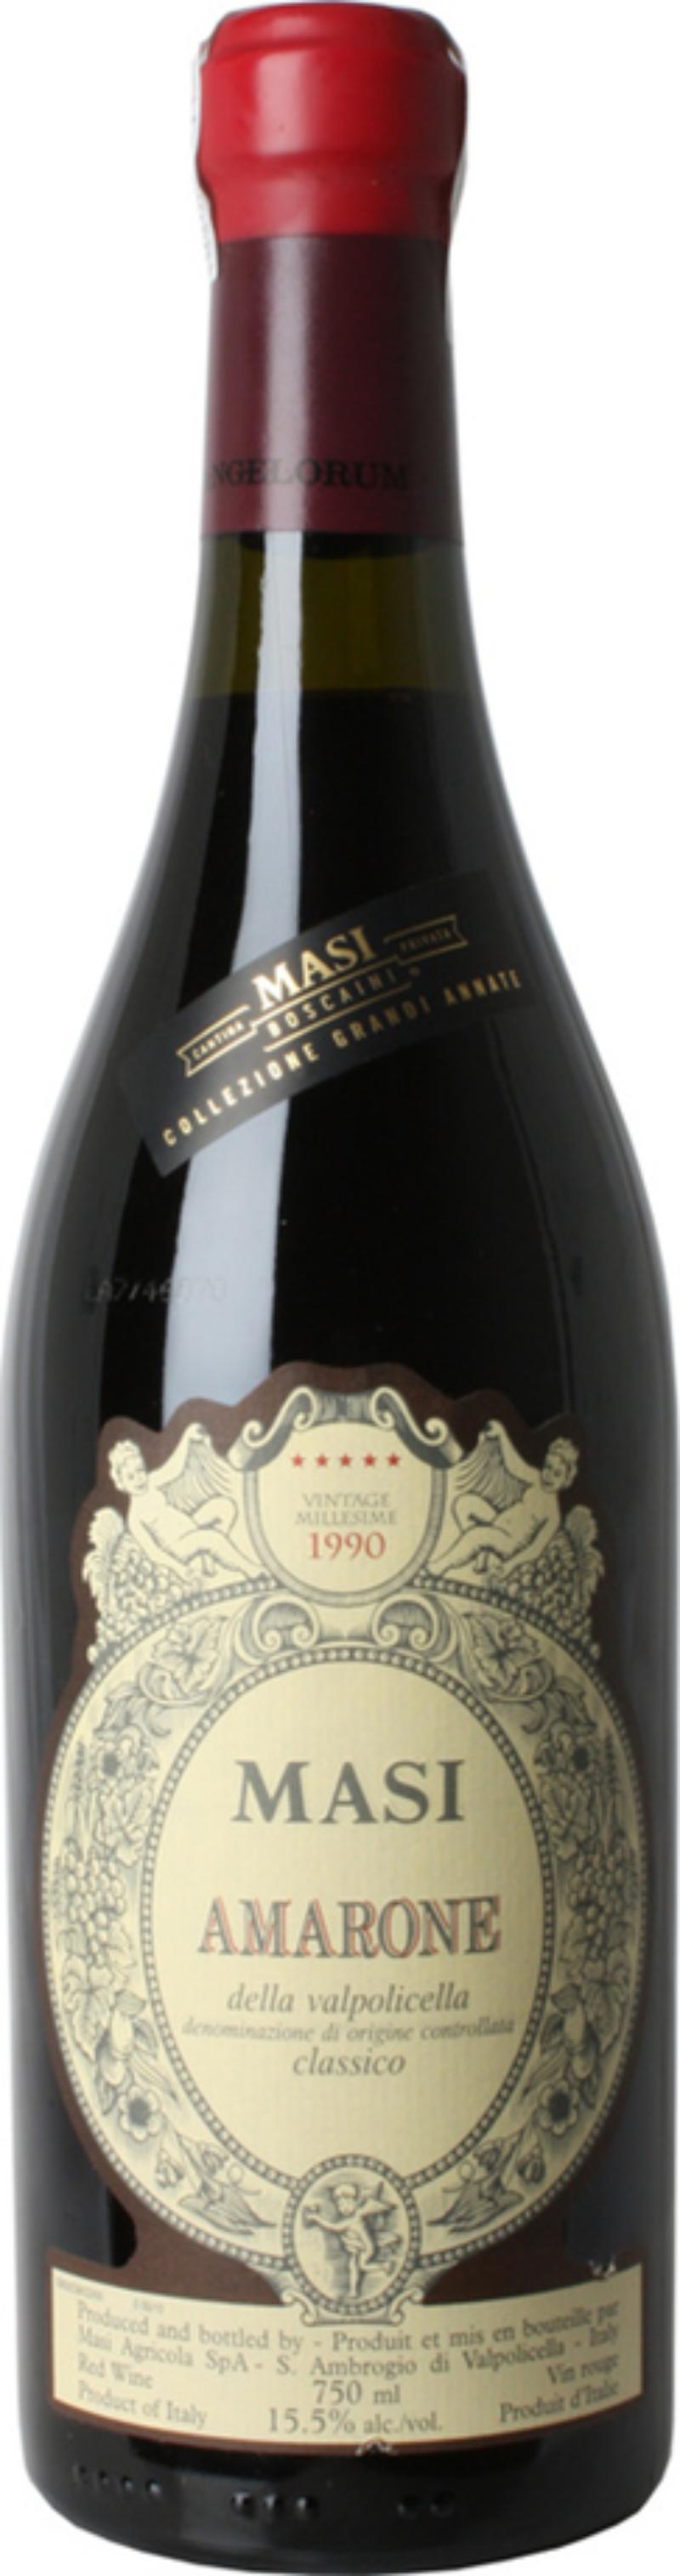 AMARONE-DELLA-VALPOLICELLA-MASI-1990